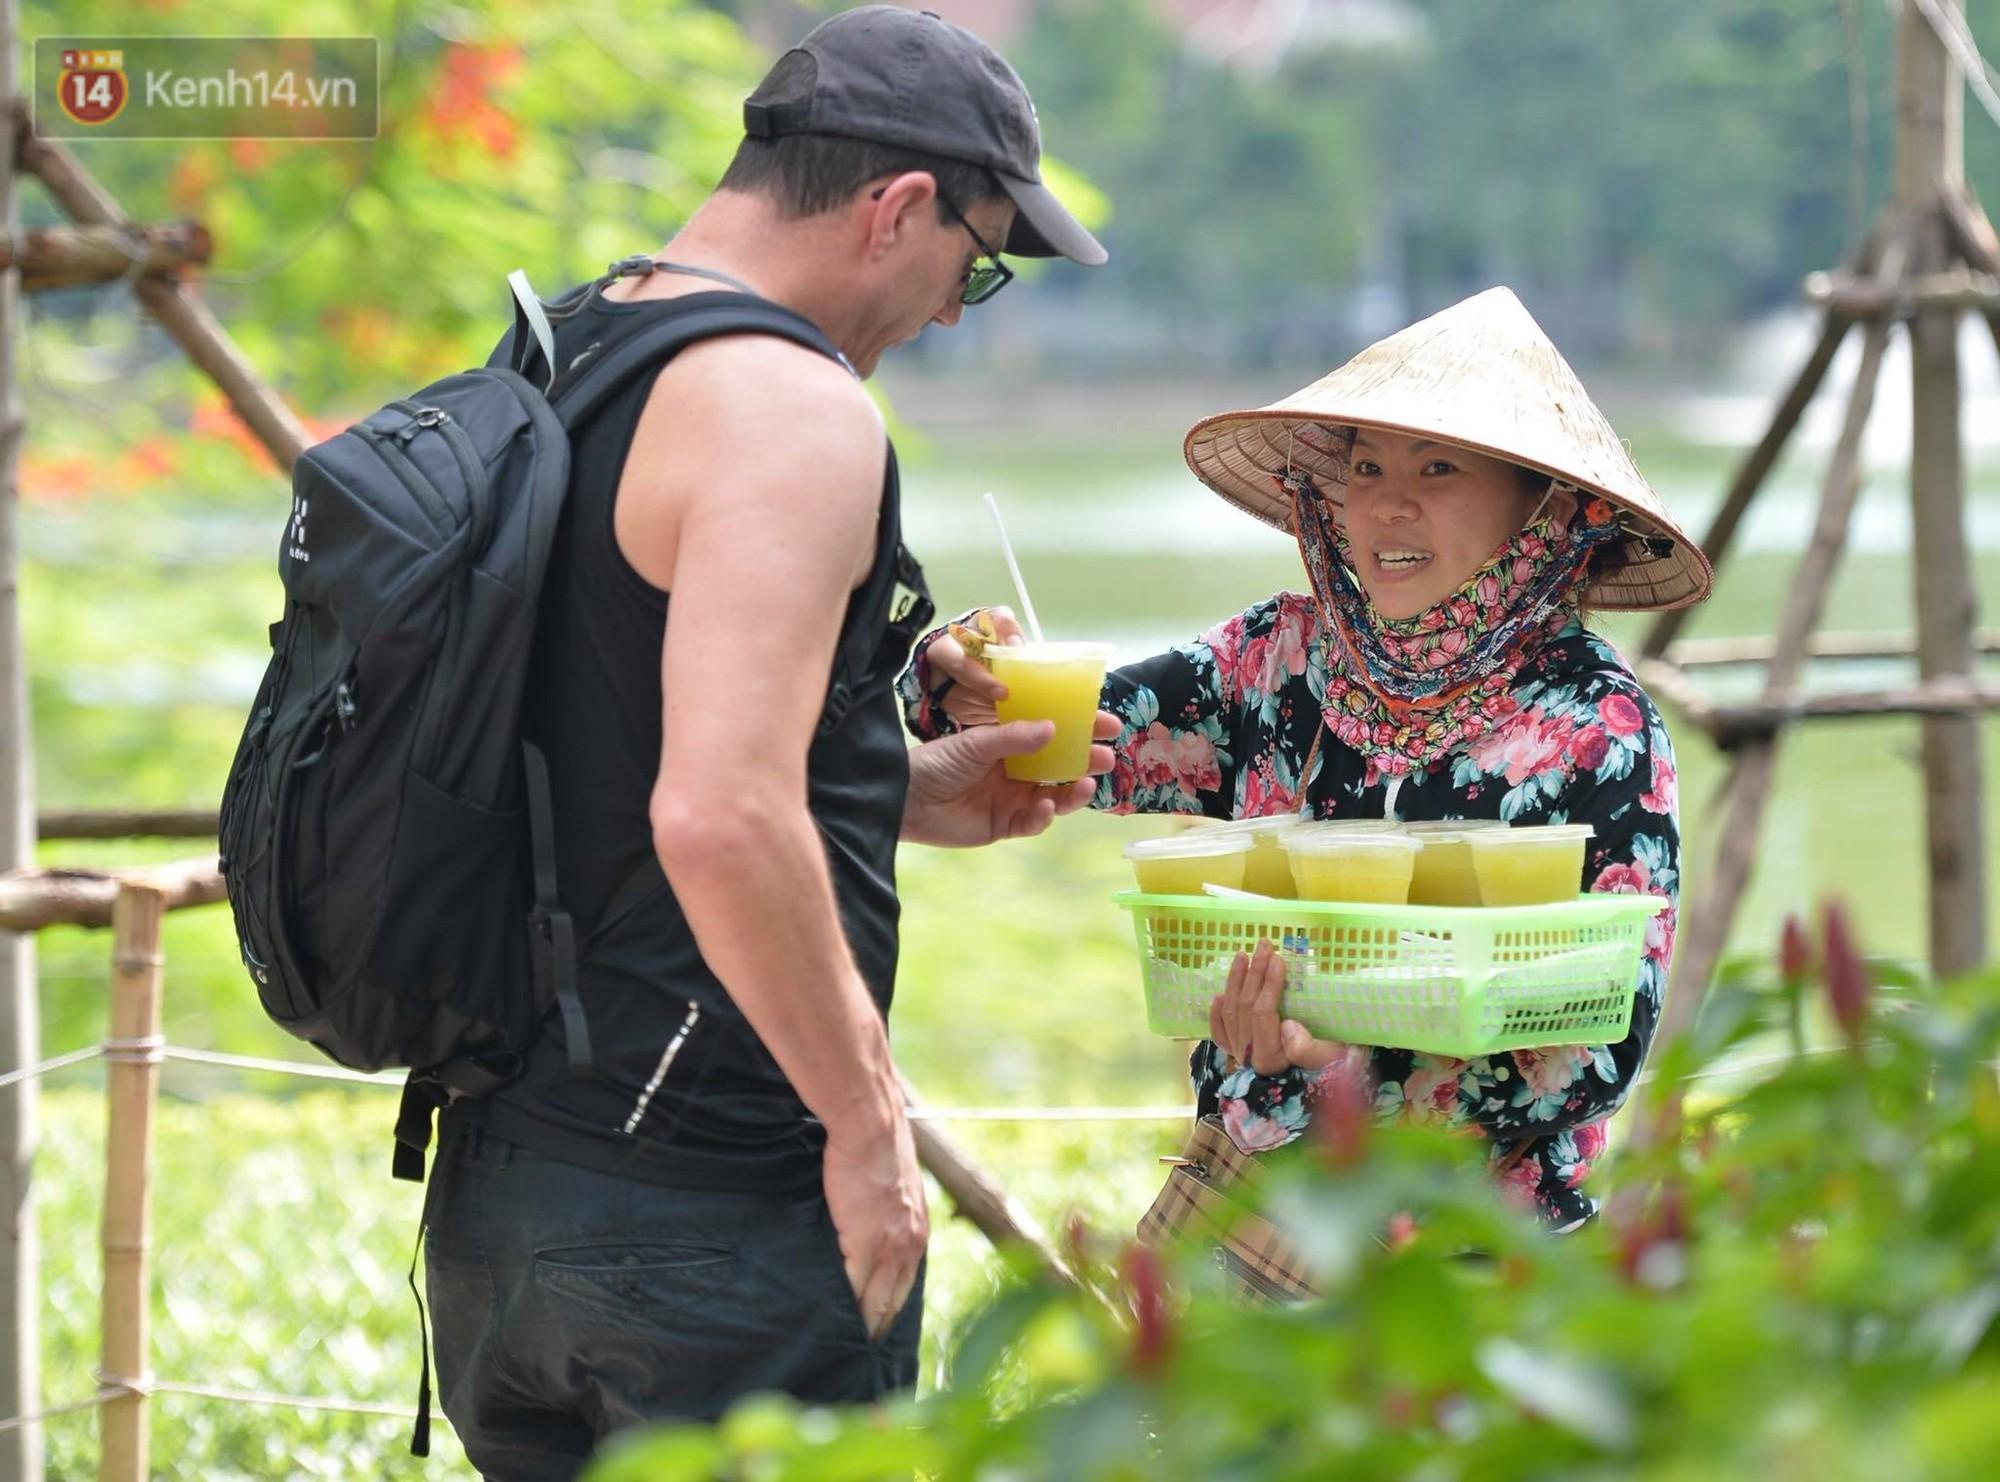 Phố đi bộ vắng tanh gần cuối giờ chiều, nhiệt độ đỉnh điểm ở Hà Nội lên tới 44 độ C - Ảnh 8.